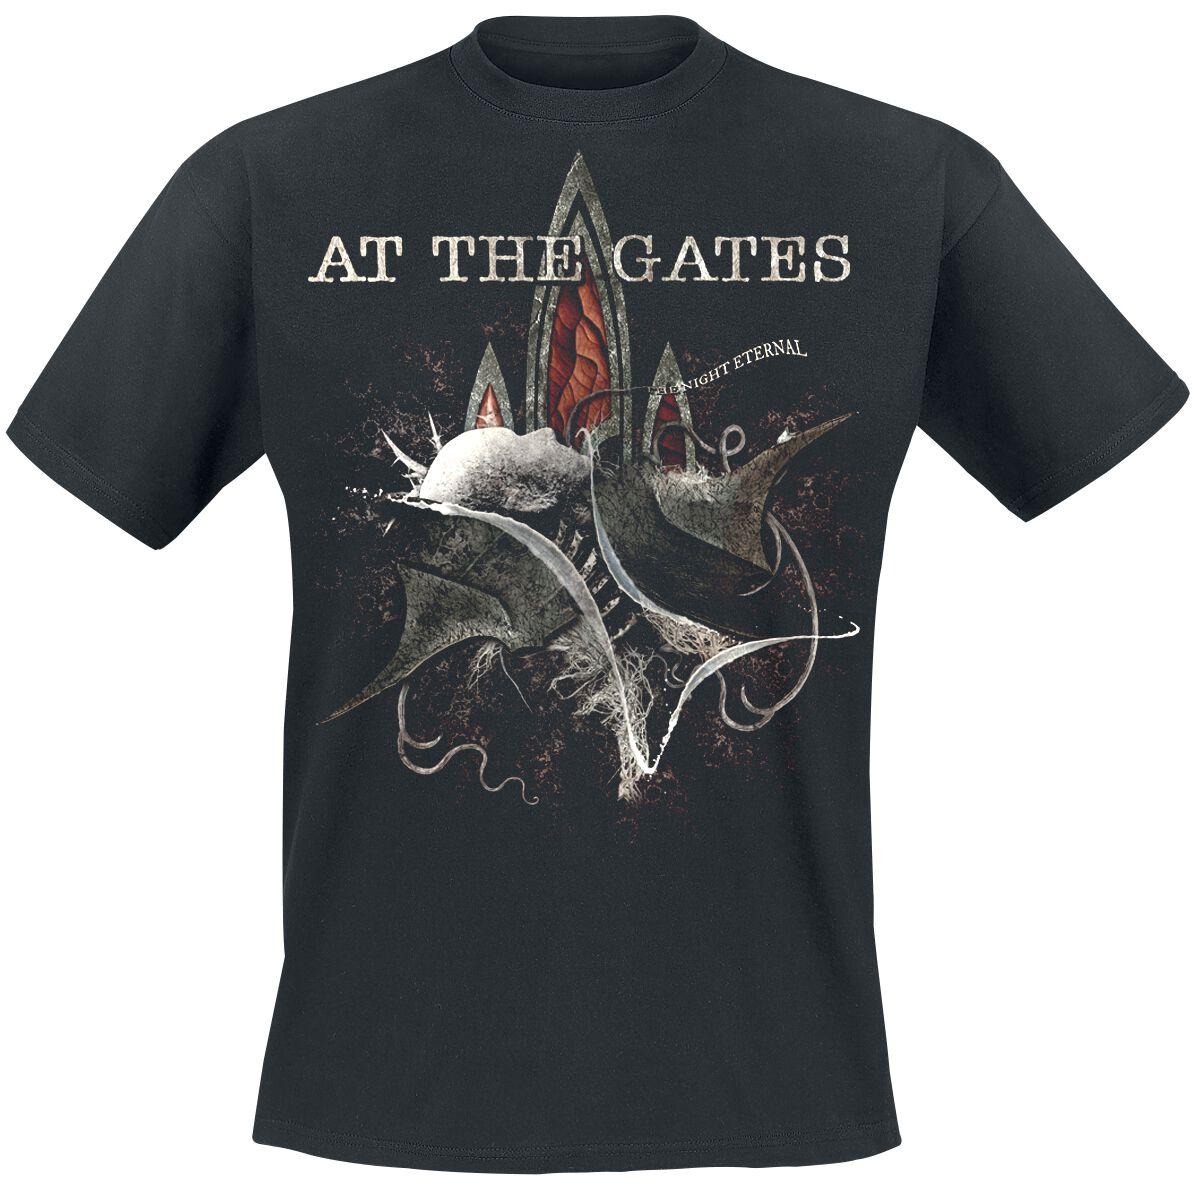 Zespoły - Koszulki - T-Shirt At The Gates The Night Eternal T-Shirt czarny - 355934